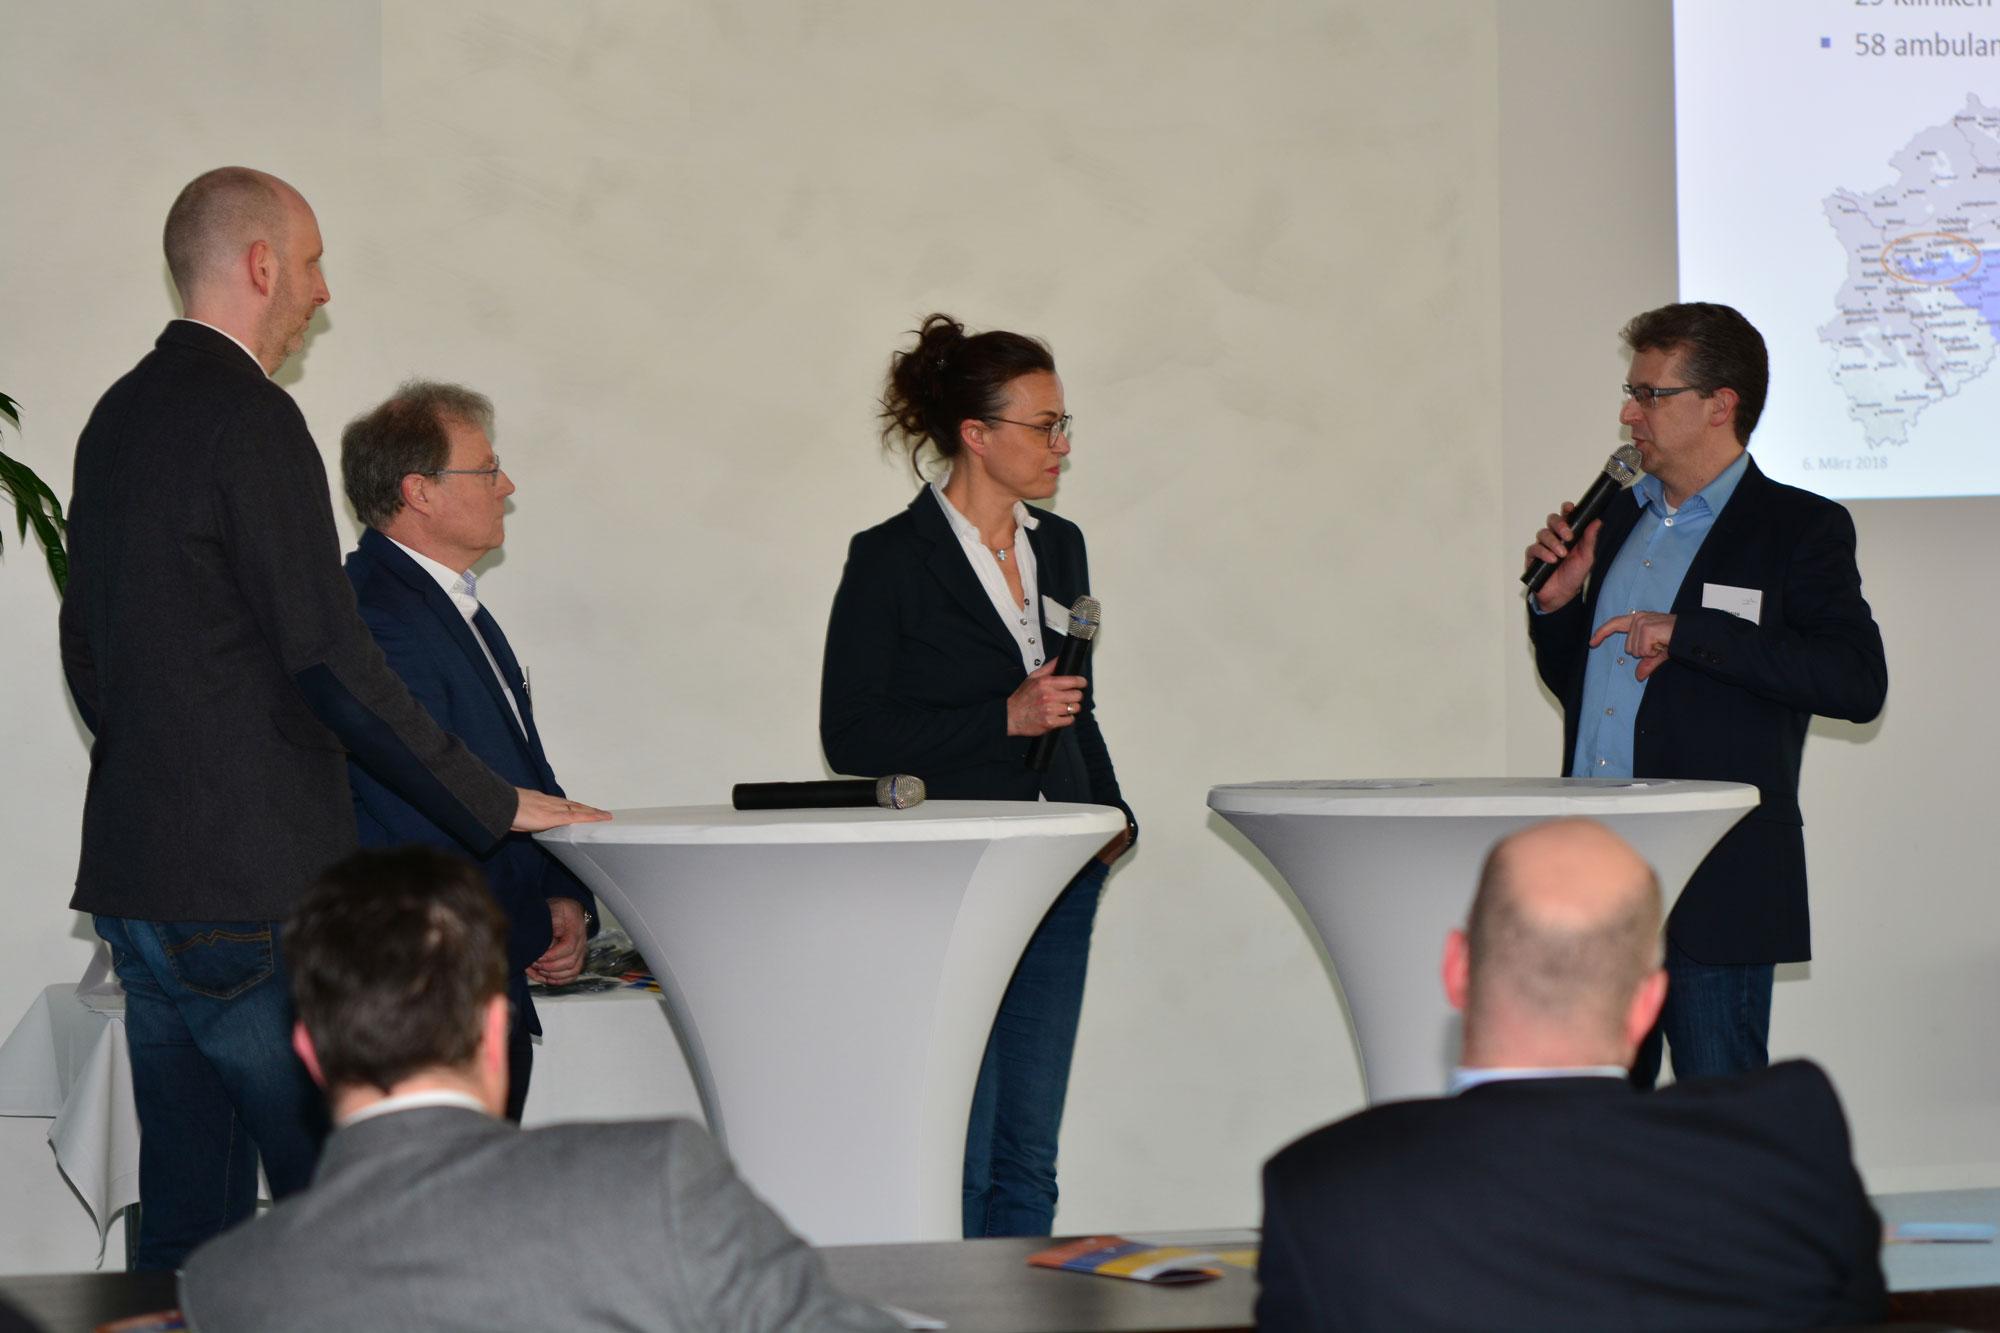 Moderator Frank Fligge von IKU_Die Dialoggestalter führte durch die Gesprächsrunde mit den am Projekt beteiligten Mediziner (v.l.):Dr. med. Kai Naßenstein, Dr. med. Claudia Mohr, Dr. med. Armin Schmidt